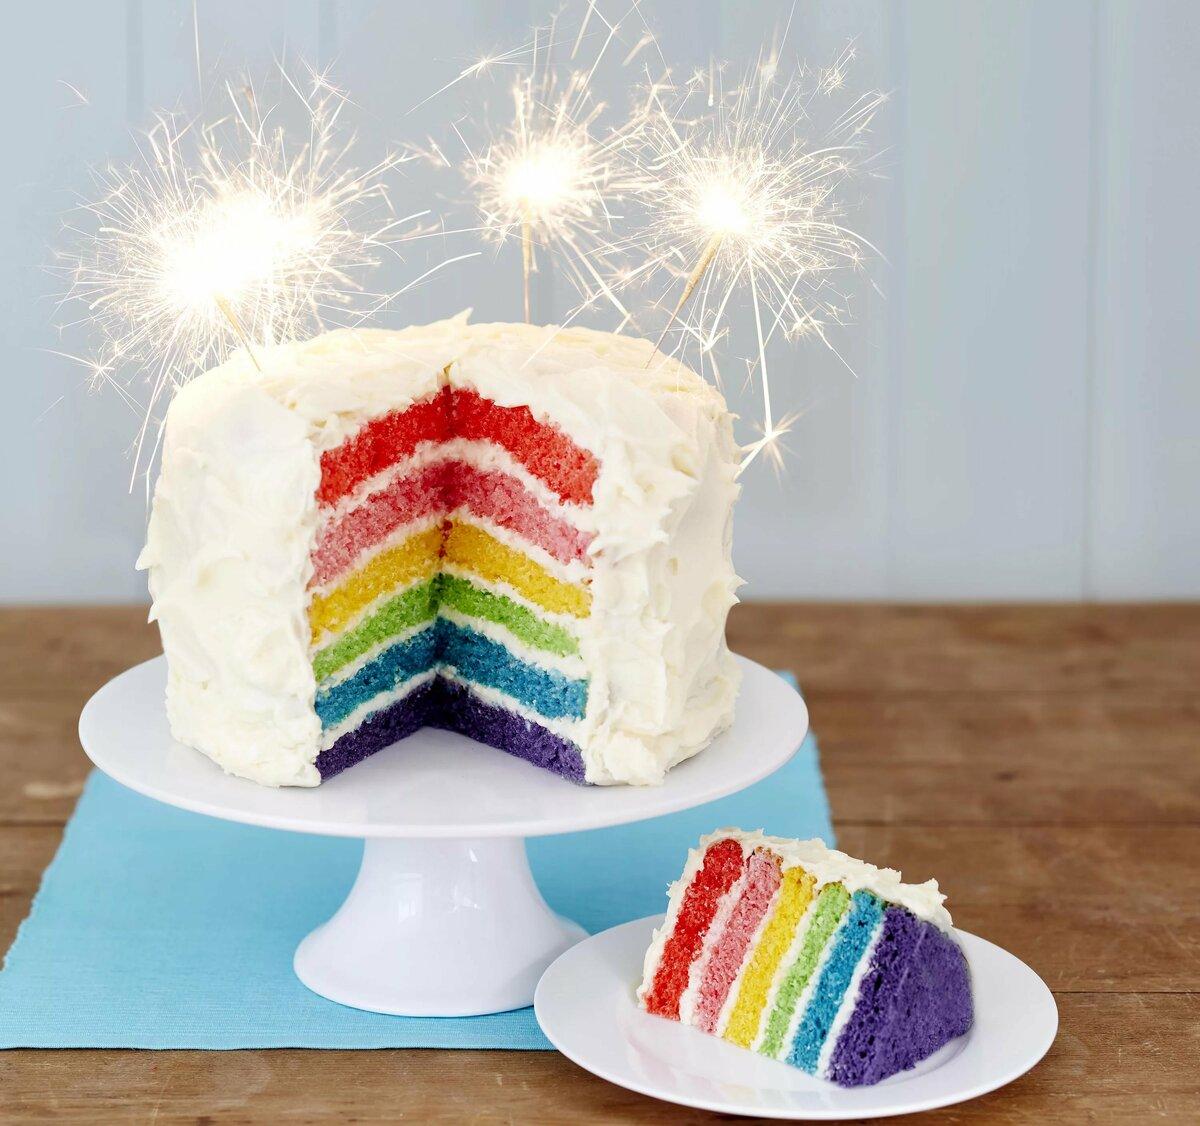 картинки радужного торта хариус, нем часто